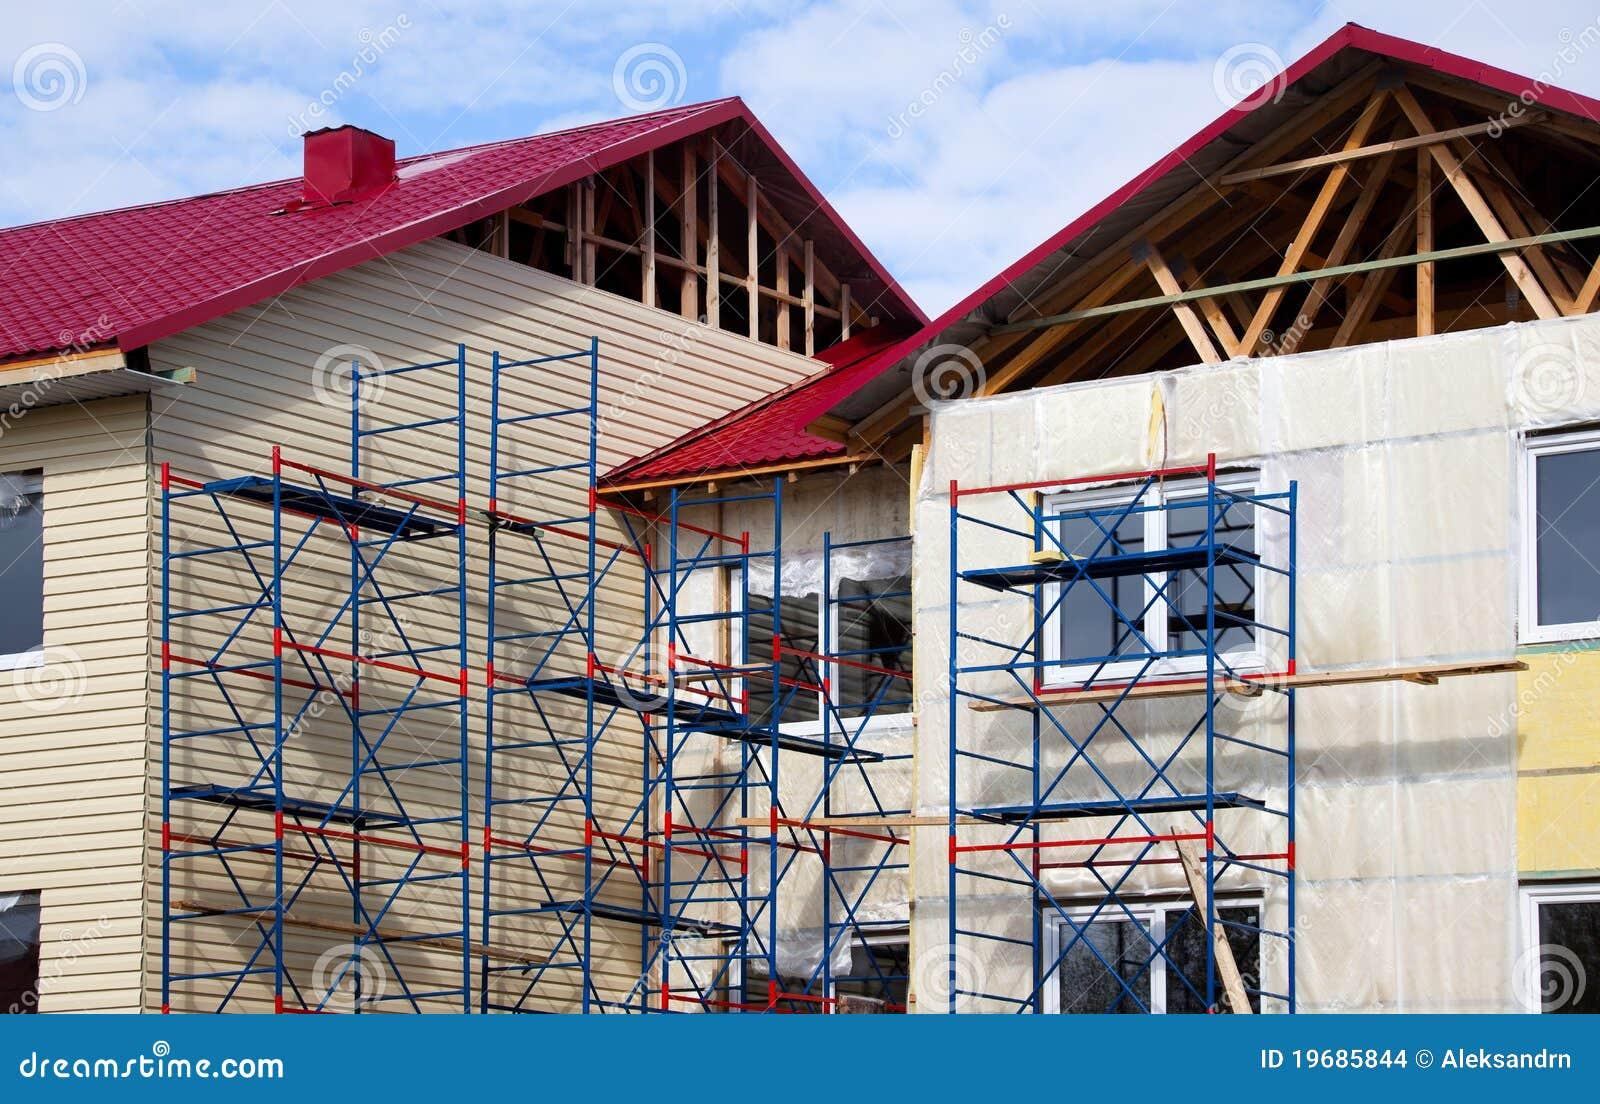 Budowy fasady dom